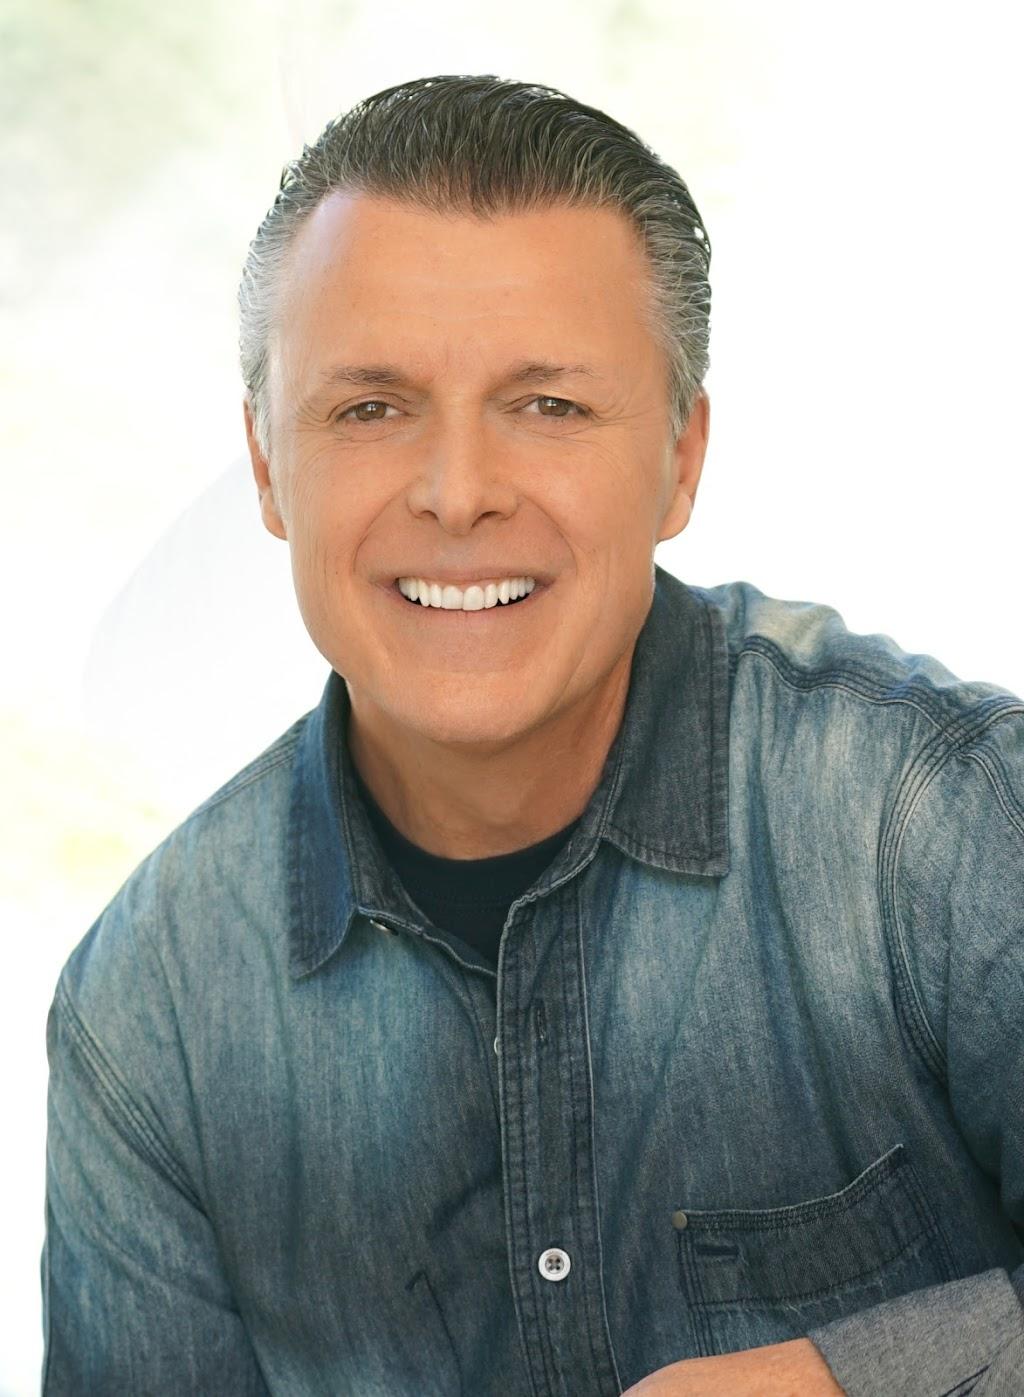 Dale Halaway http://www.dalehalaway.com